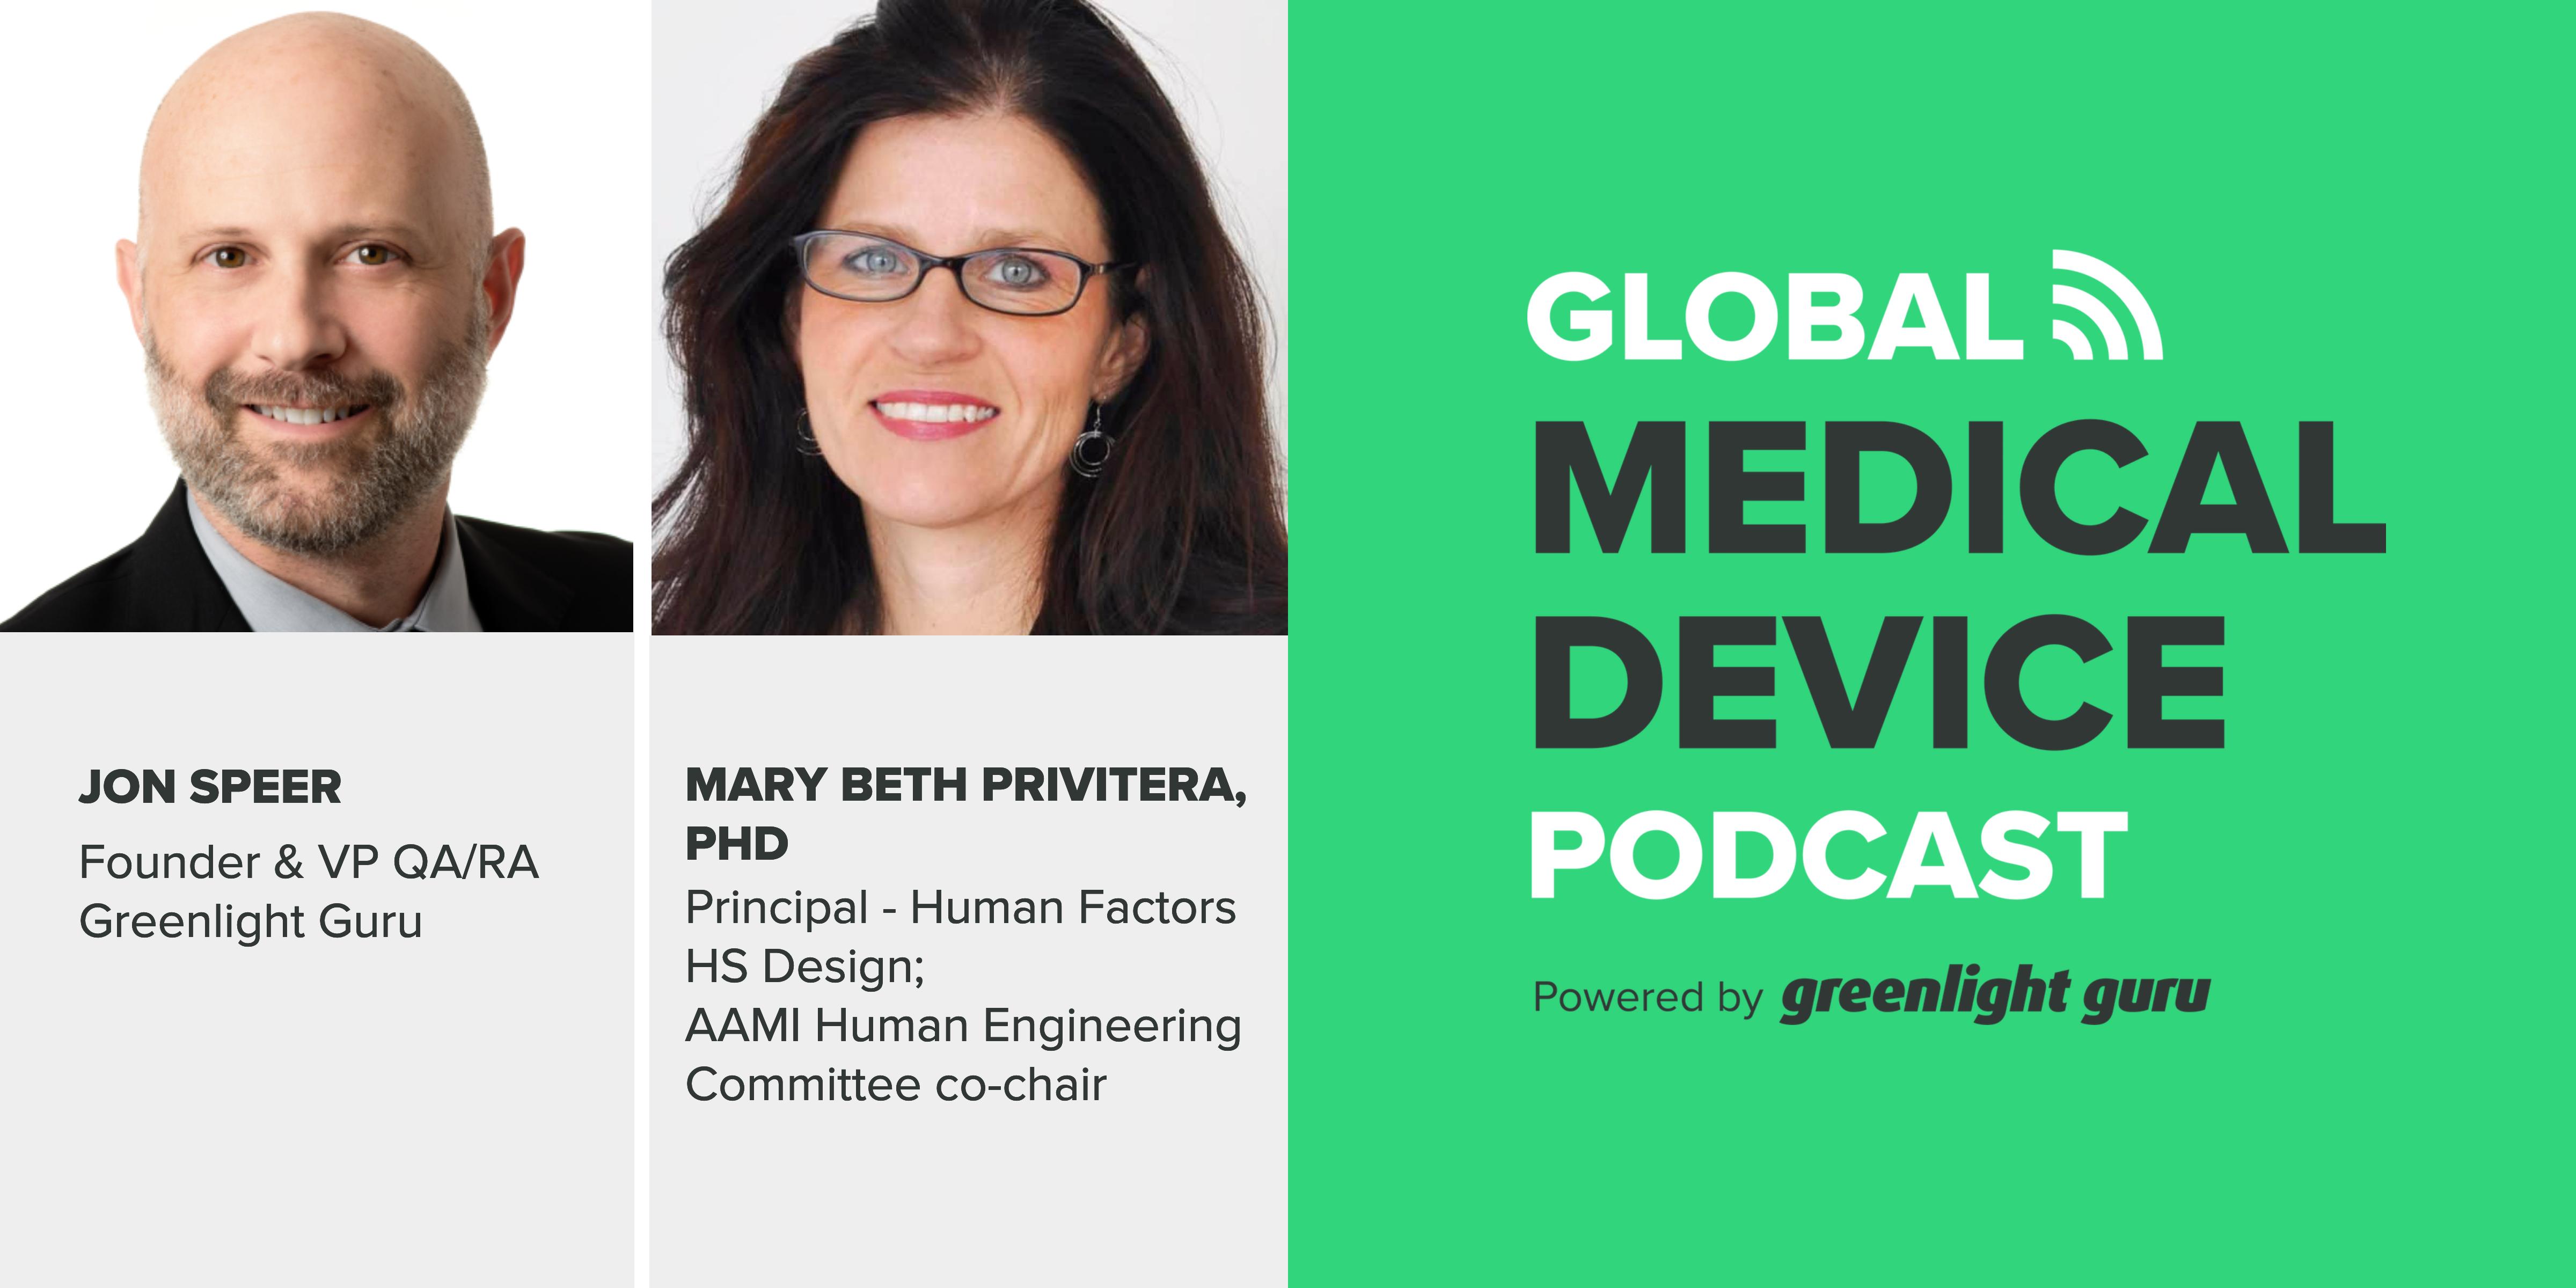 podcast_marybeth-privitera